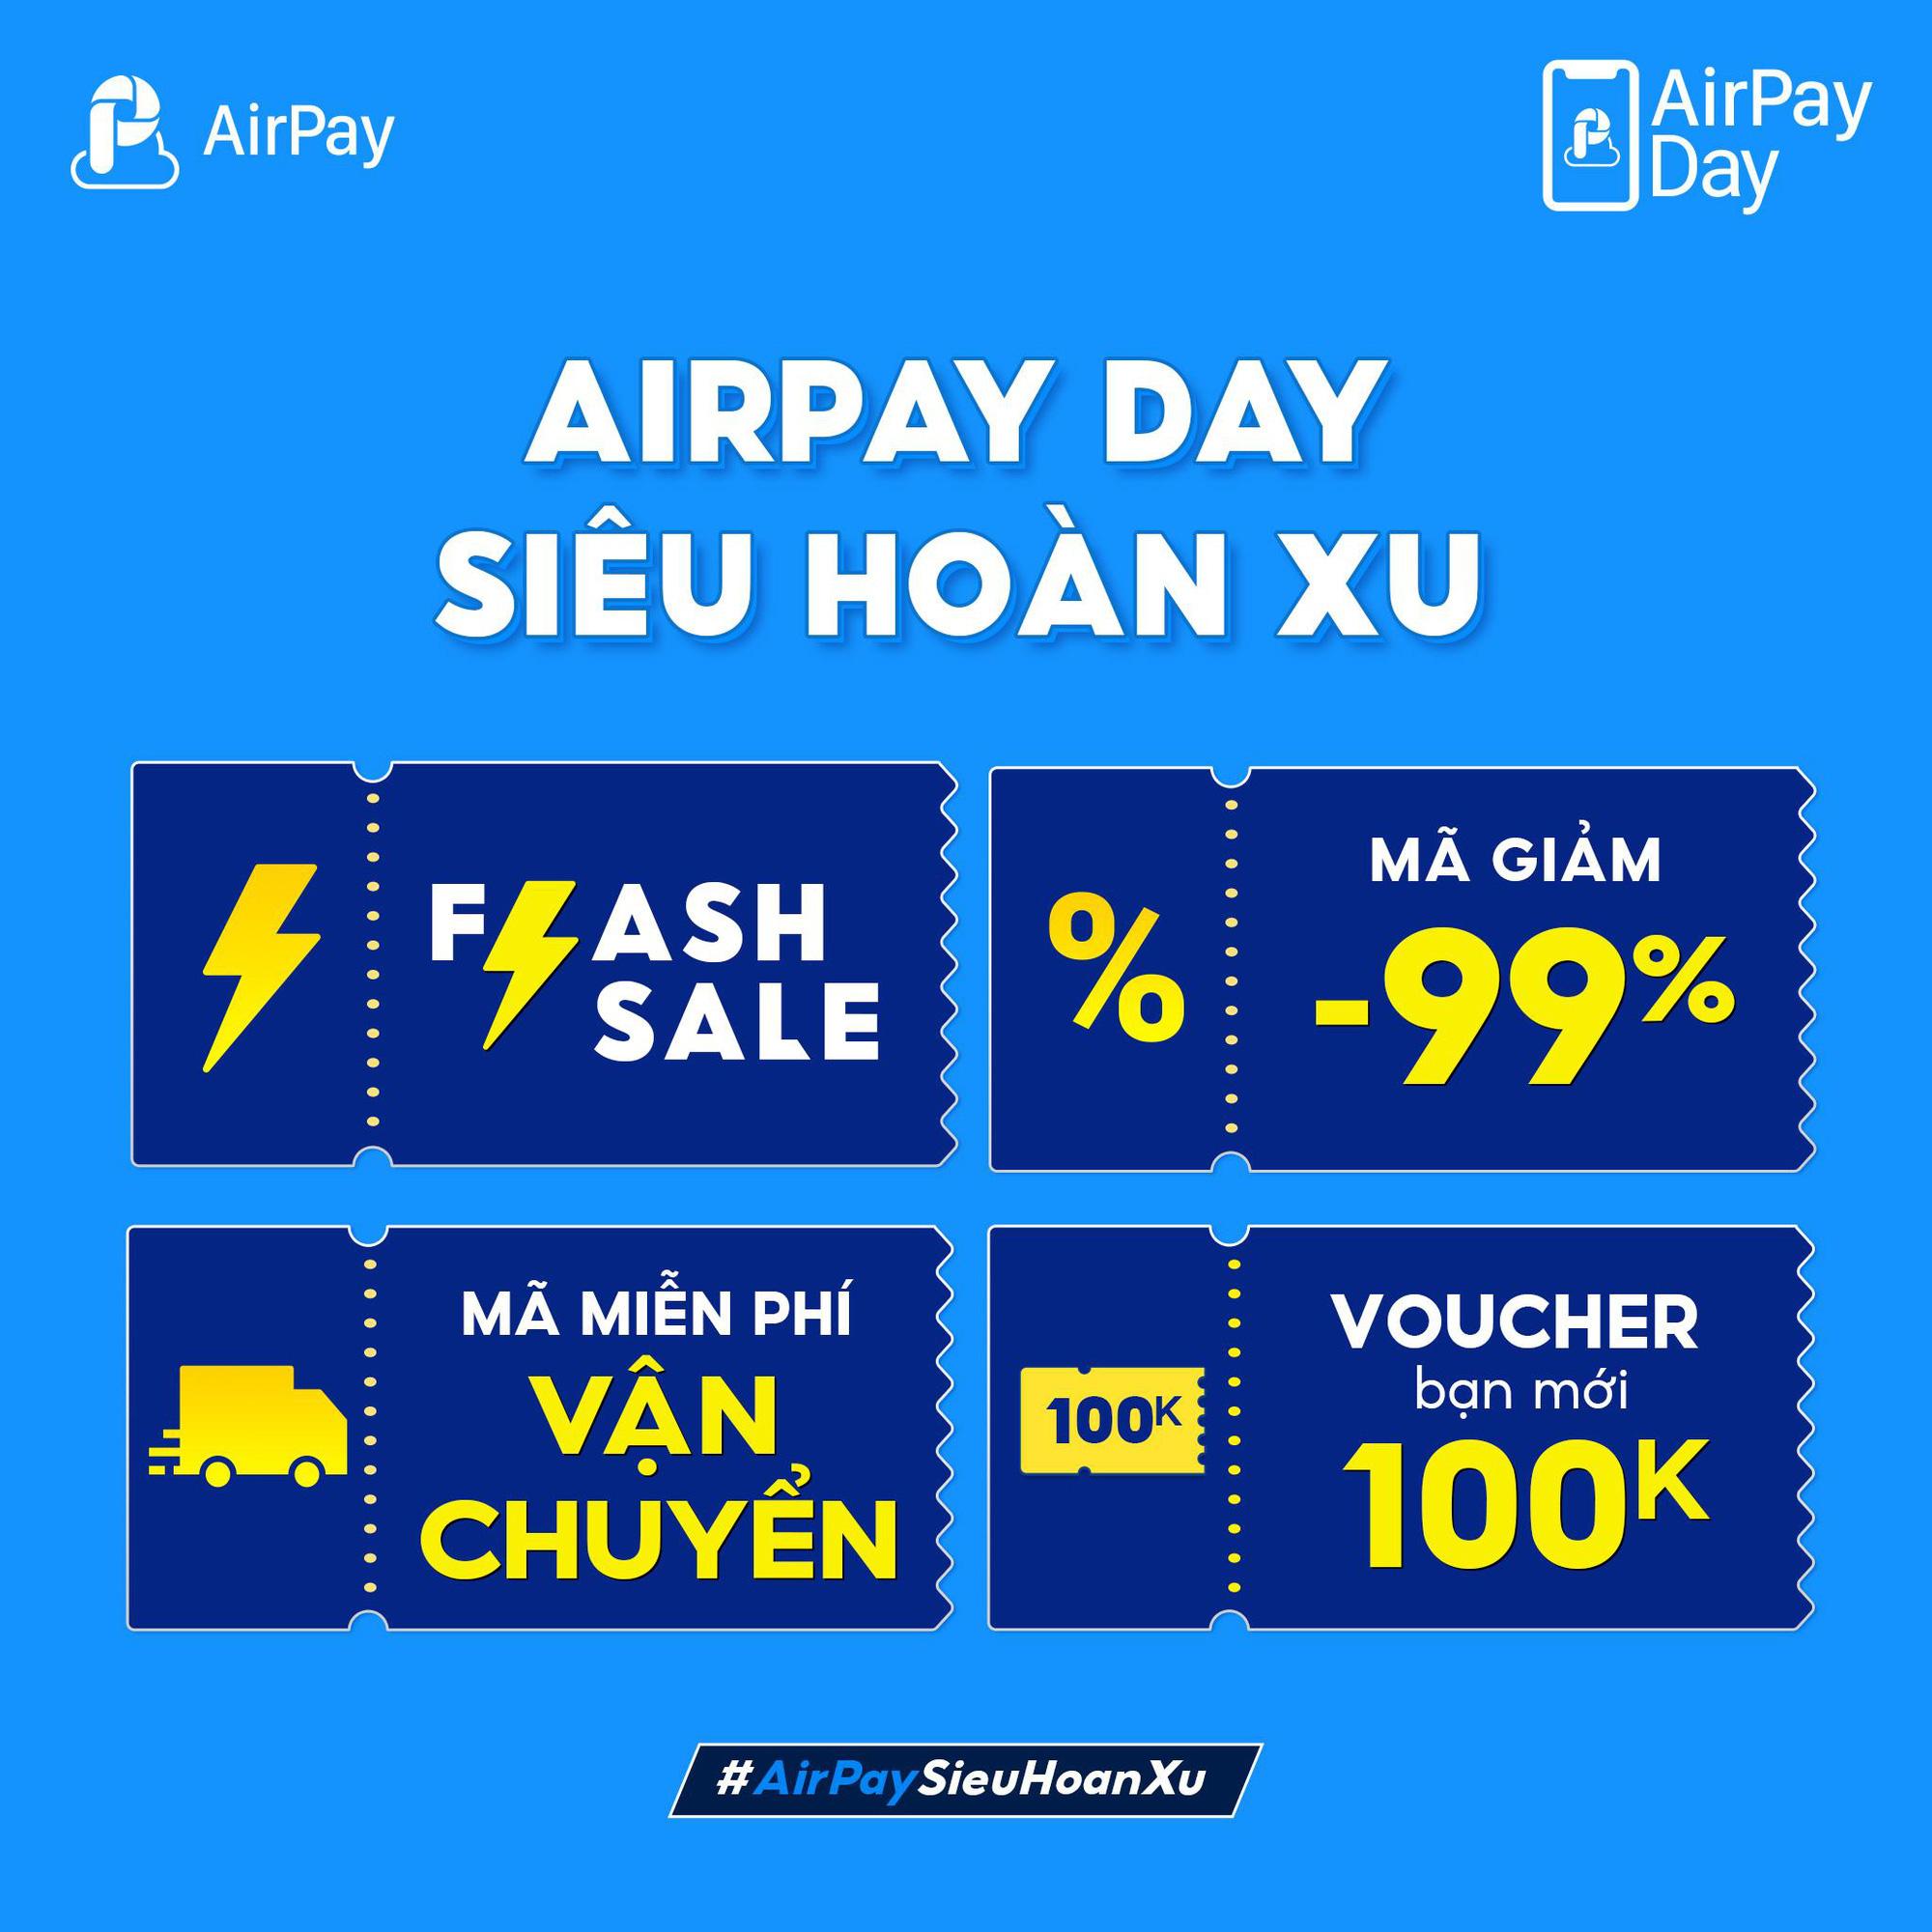 """AirPay Day chiêu đãi """"tín đồ"""" shopping voucher giảm giá đến 100K! - Ảnh 1."""